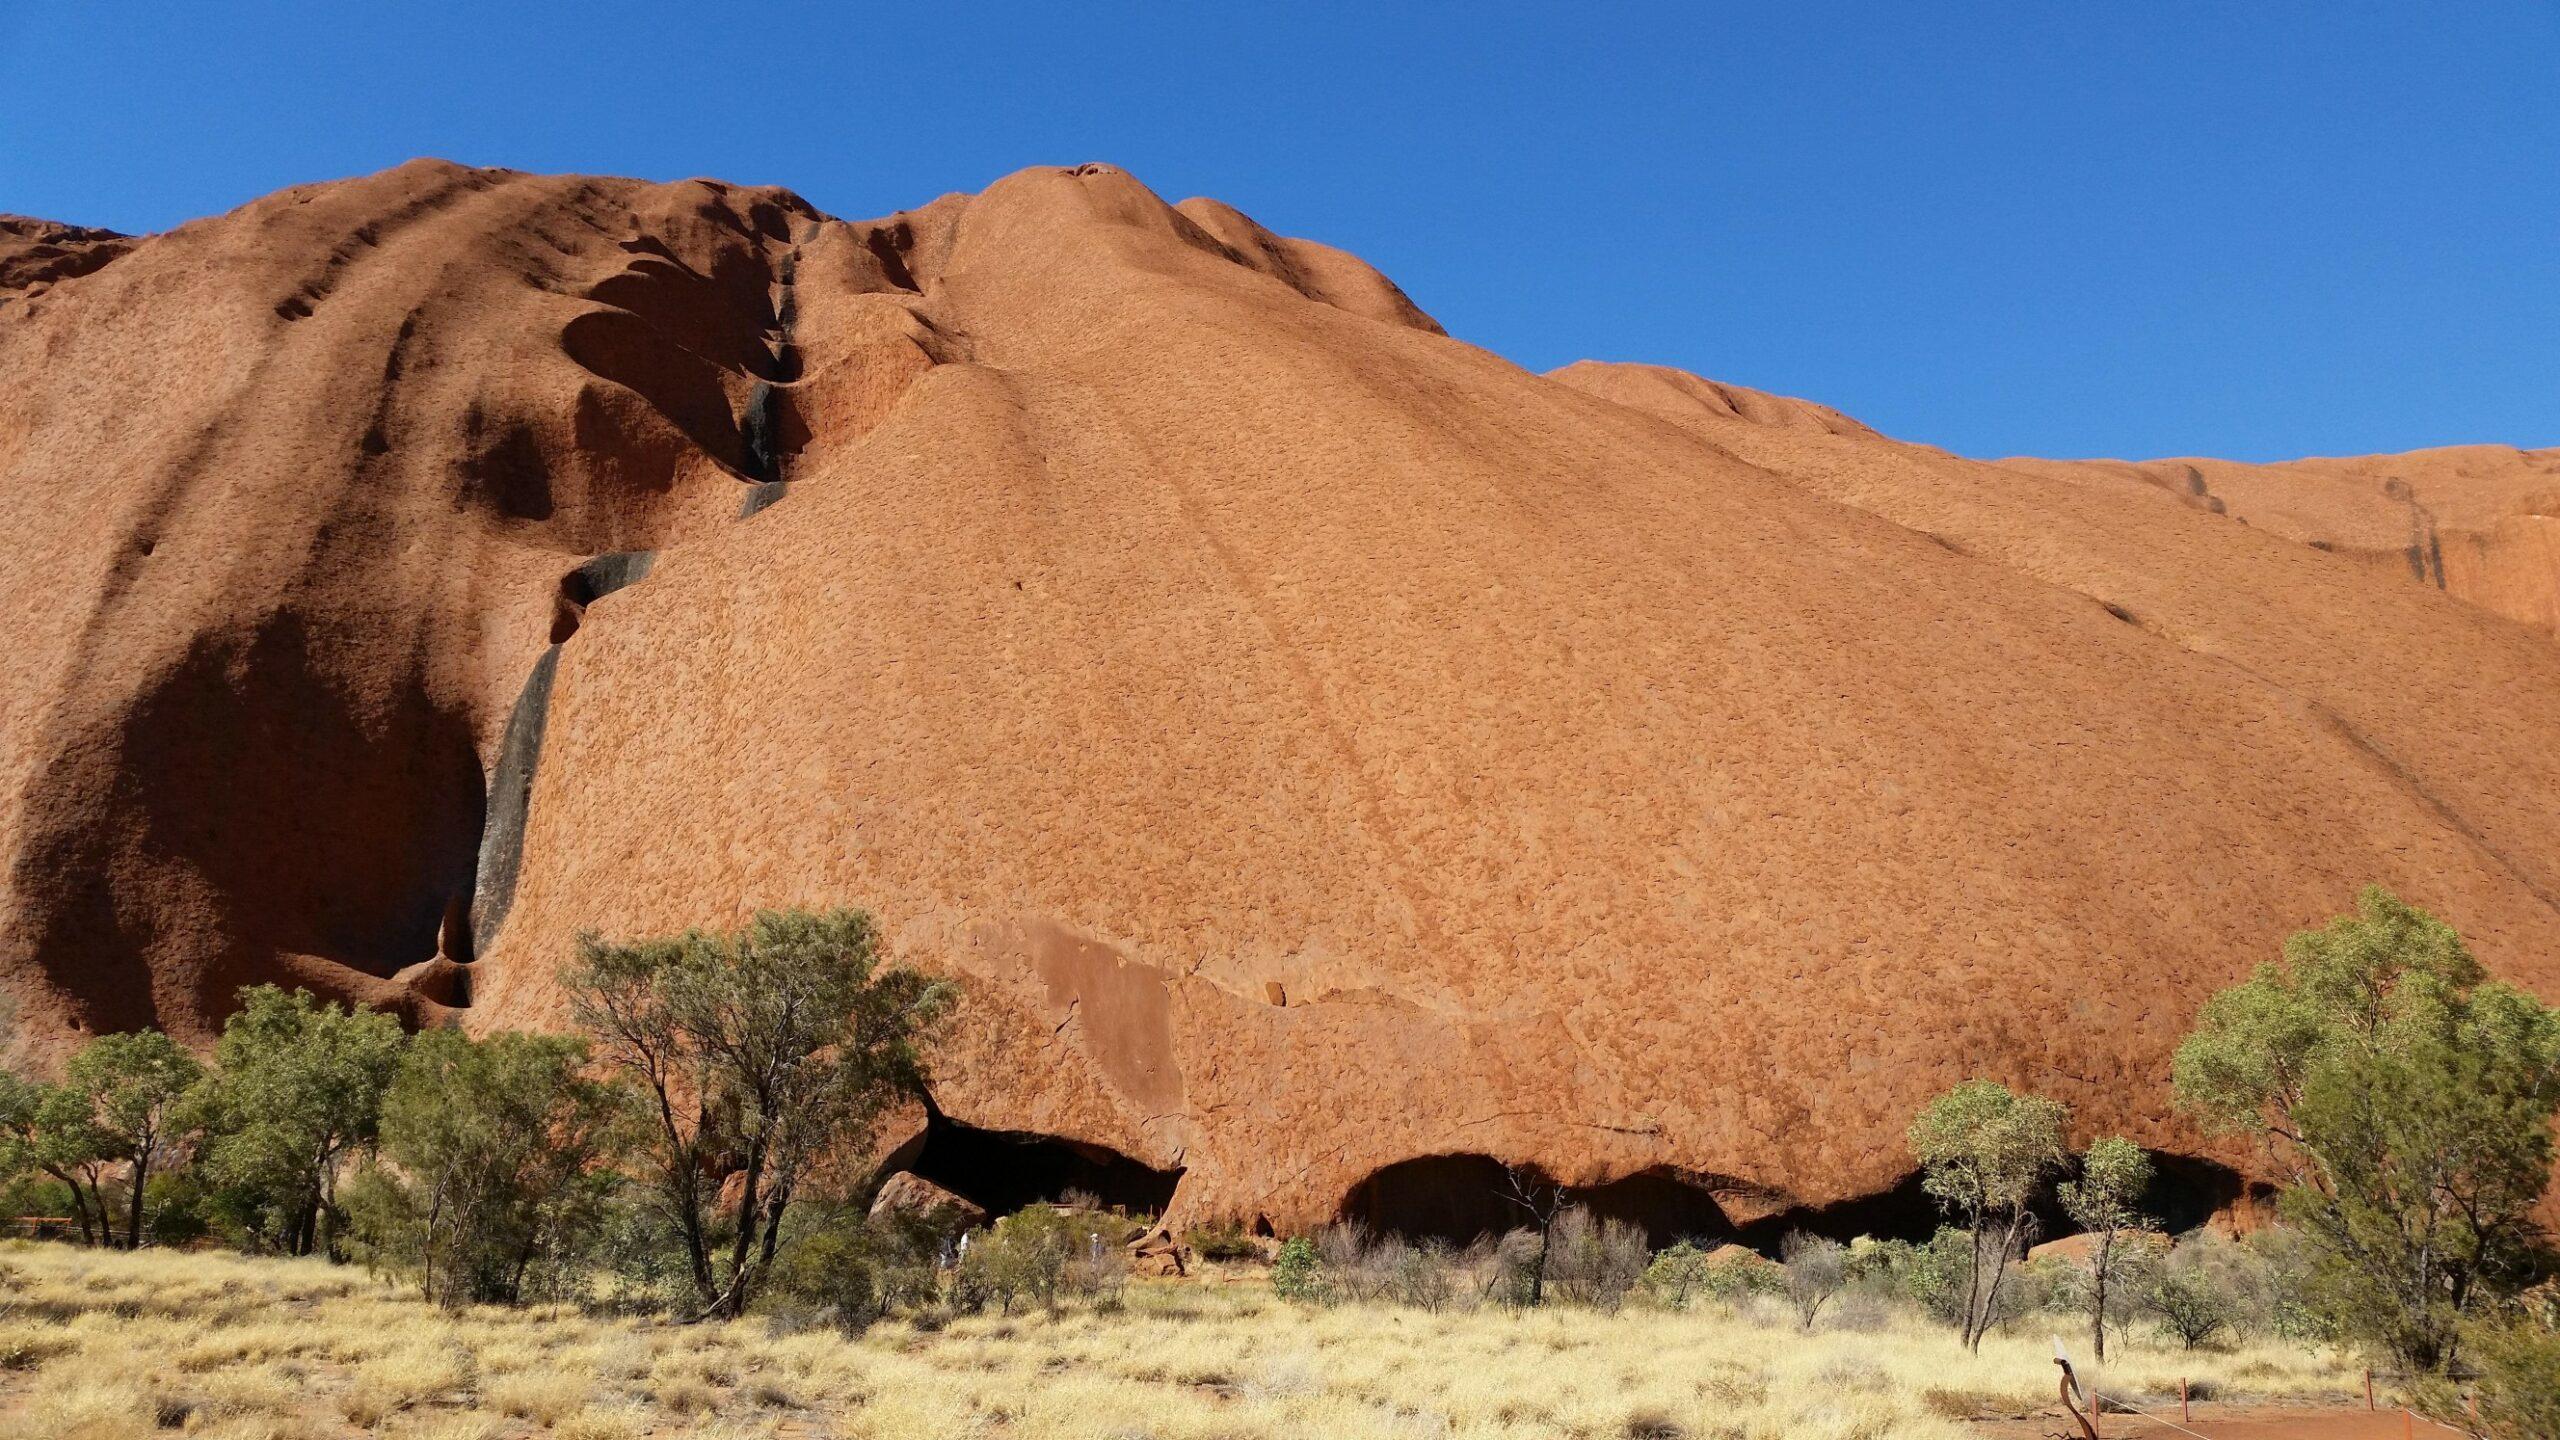 un paysage désertique d'Afrique avec du sable et de la savane